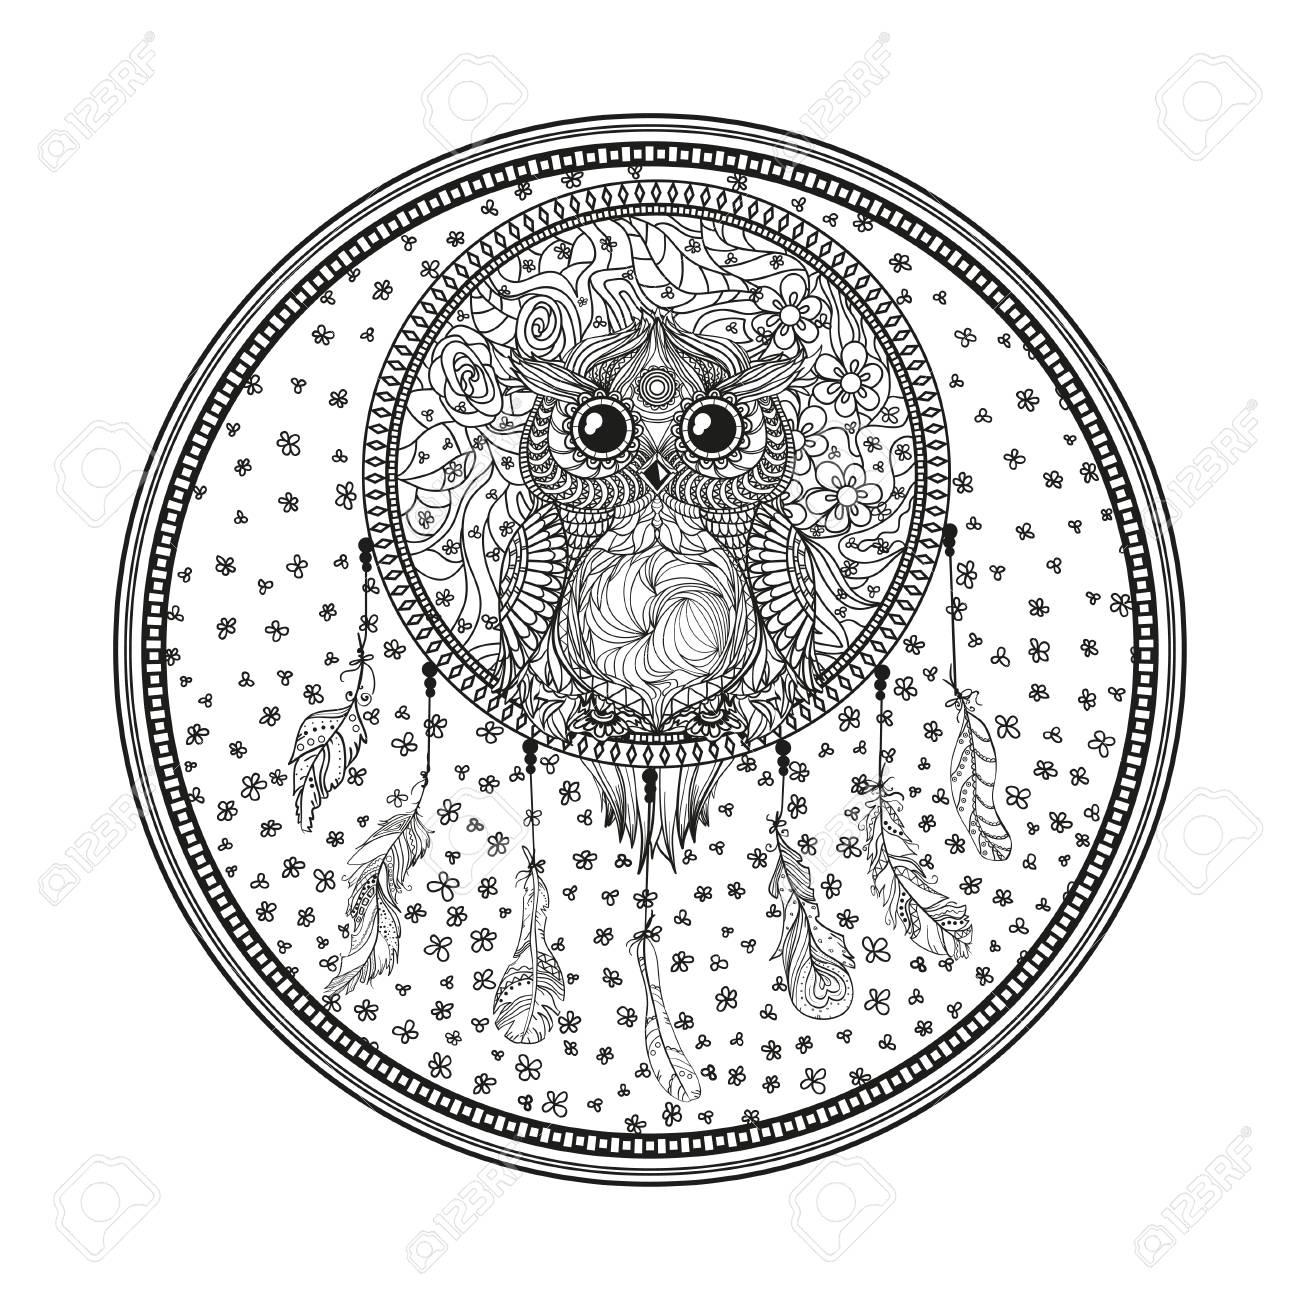 Buho Tatuaje Mandala mandala. atrapasueños. búho. arte del tatuaje, símbolo místico. plumas  abstractas. imprimir para poligrafía y textiles. símbolo de los indios